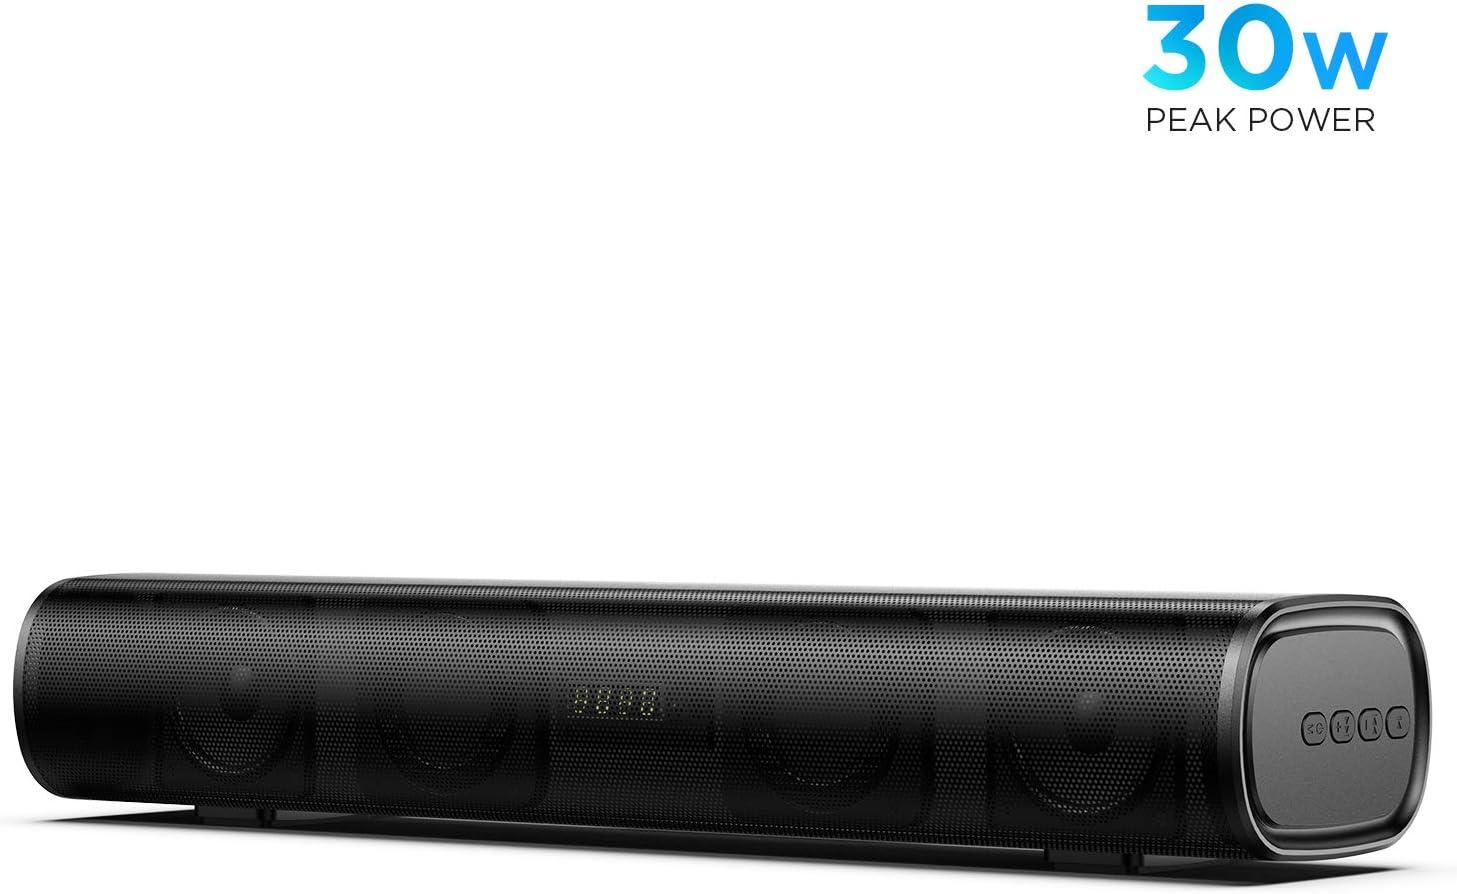 Mini Barra de Sonido 2.0 Canales para TV/PC, BOMAKER 30W Mini Soundbar Portátil Inalámbrico, Altavoces Bluetooth 5.0 con Control Remoto, Soporte Conexiones de Ópticos/USB/AUX